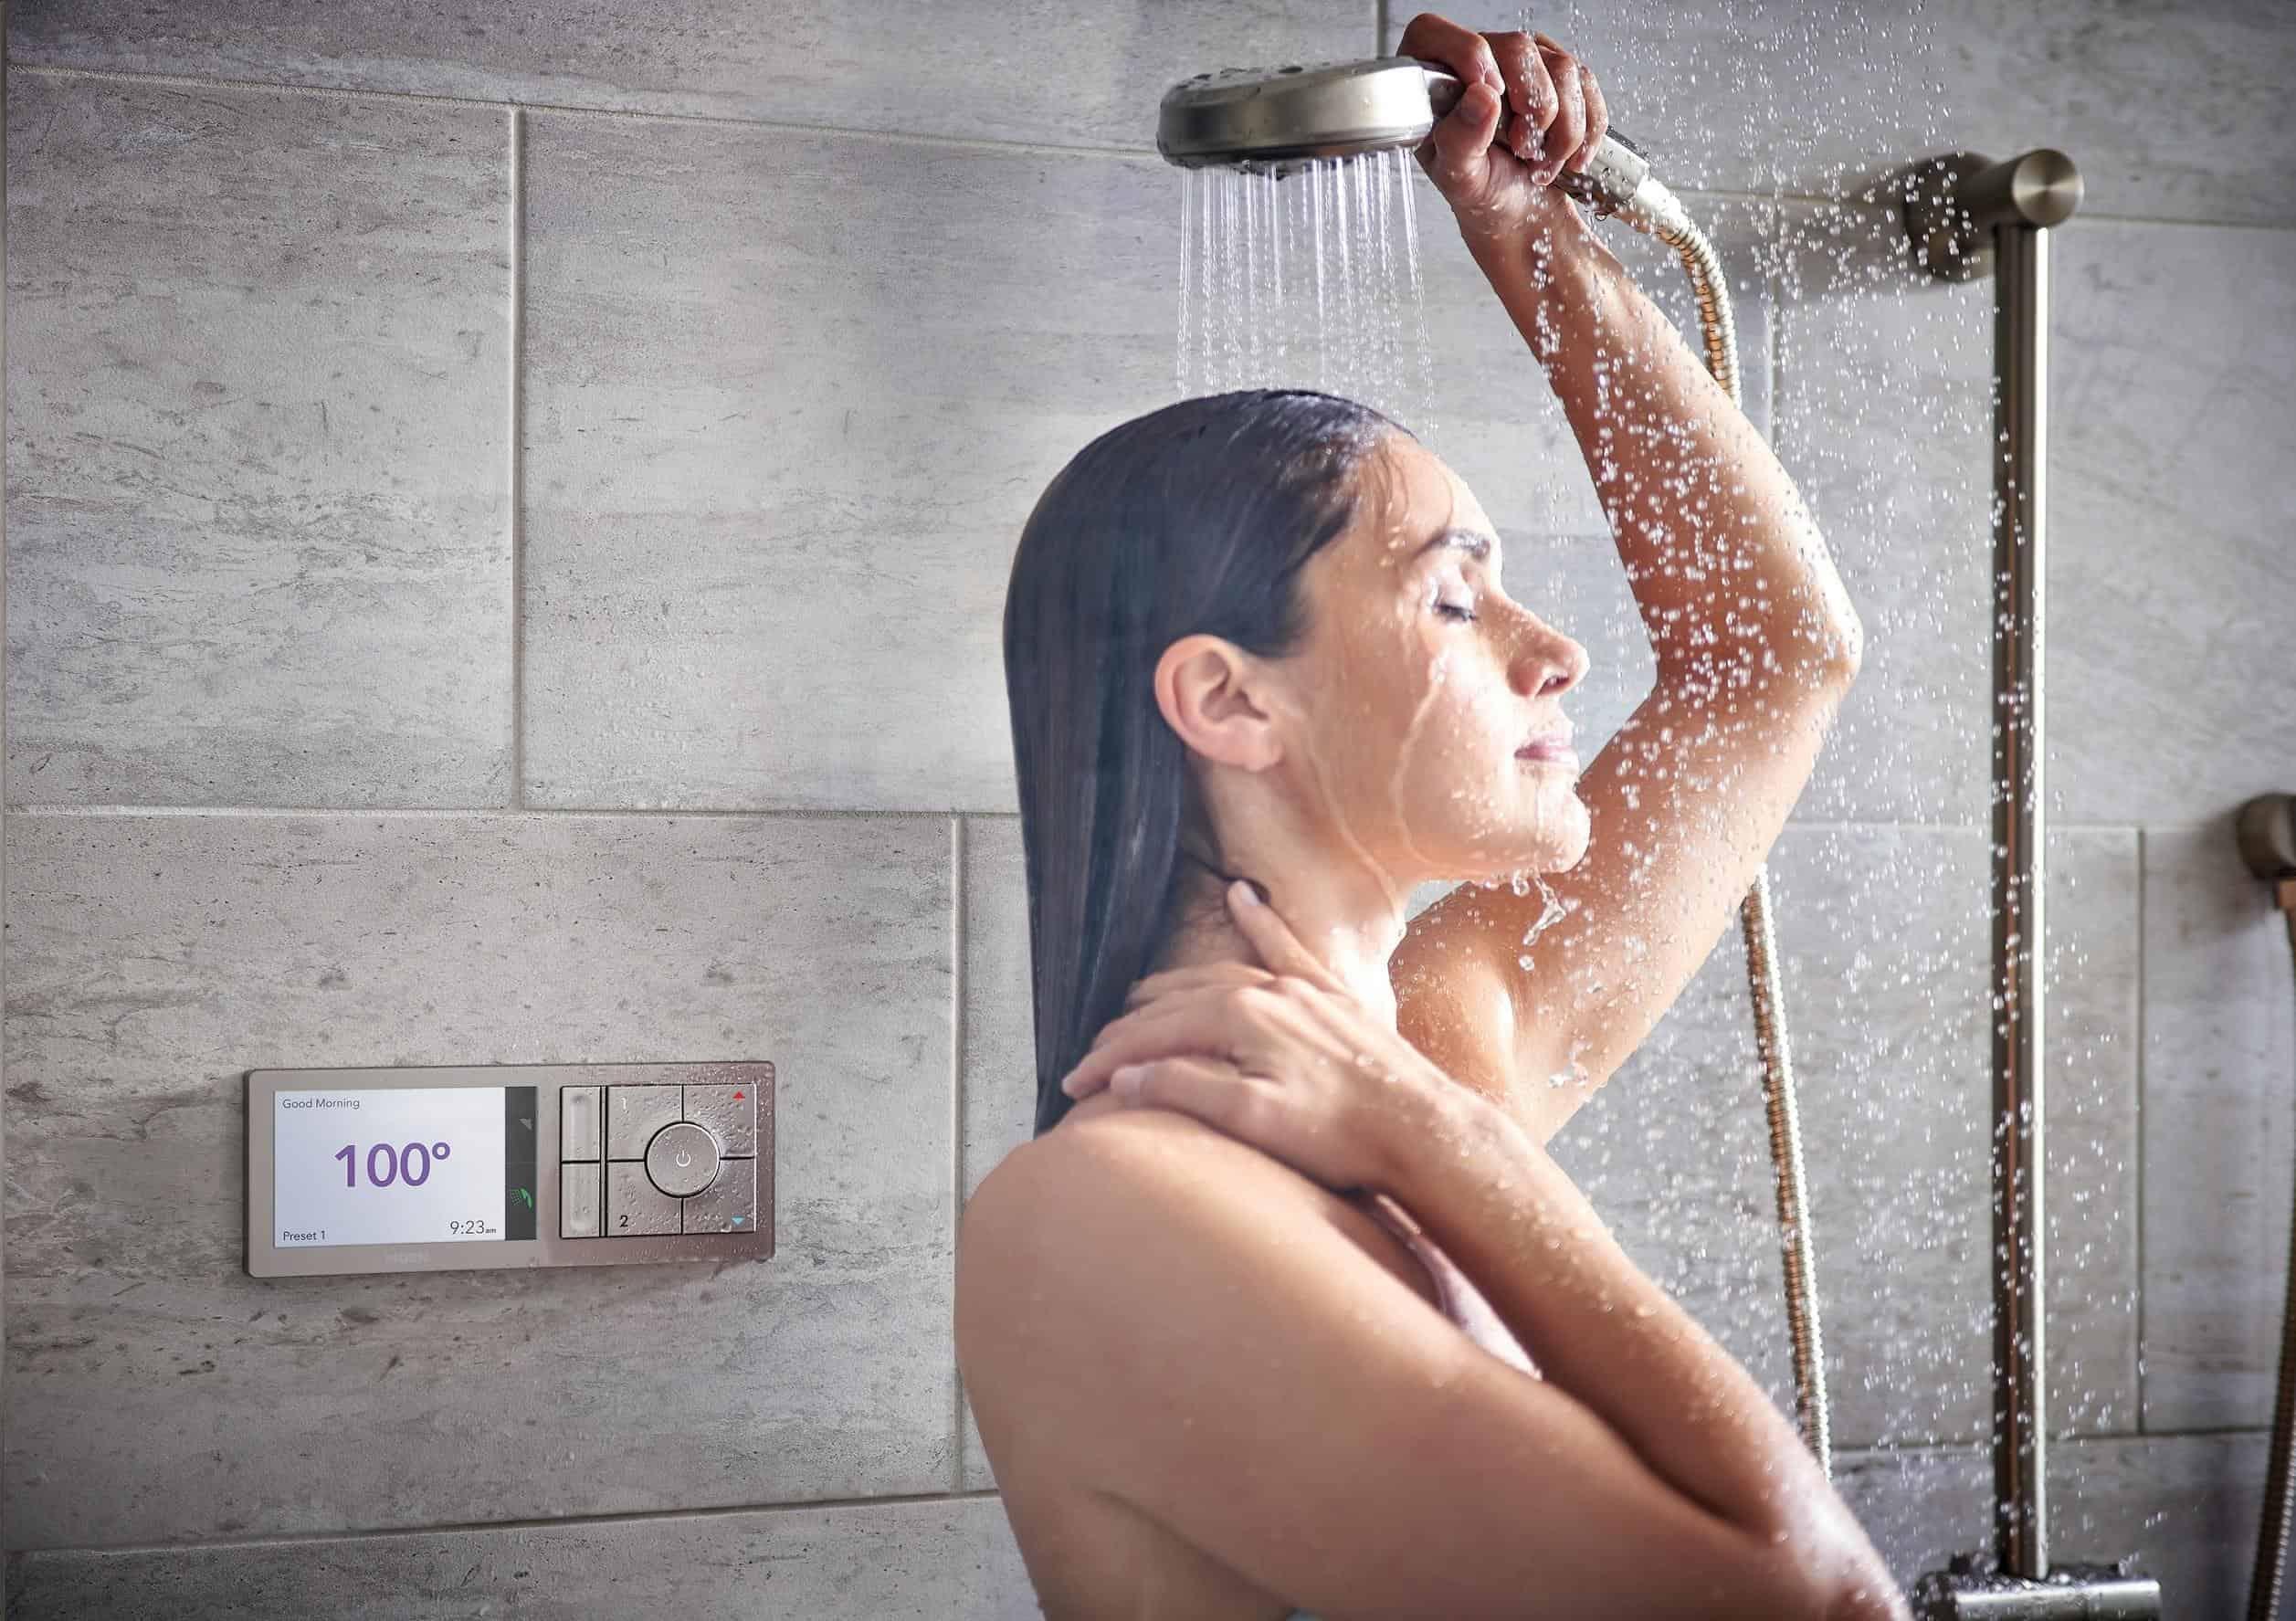 U by Moen shower 2.